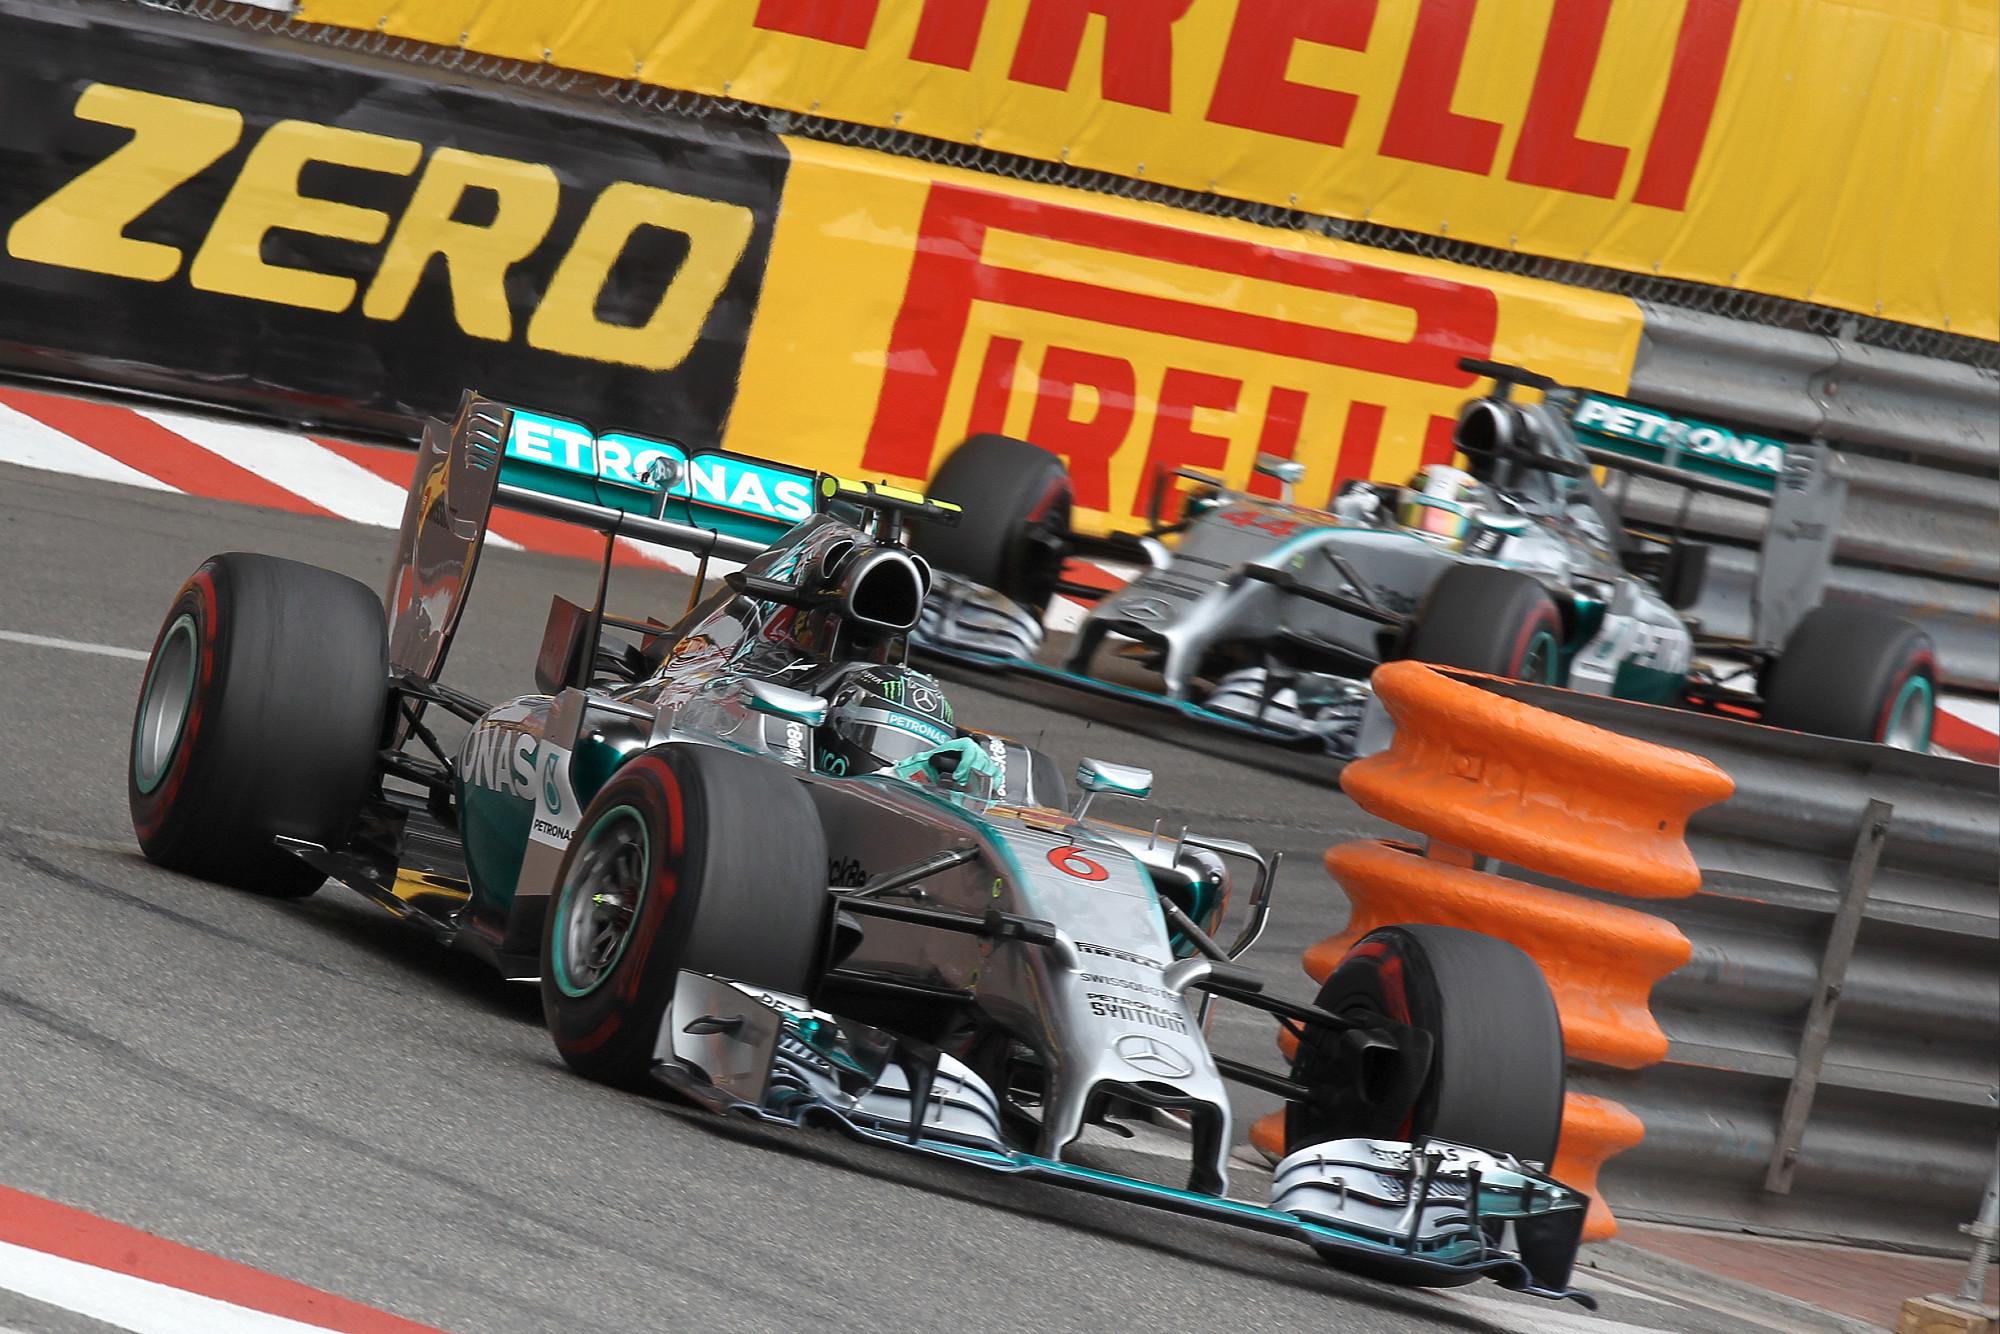 2014 Monaco GP report